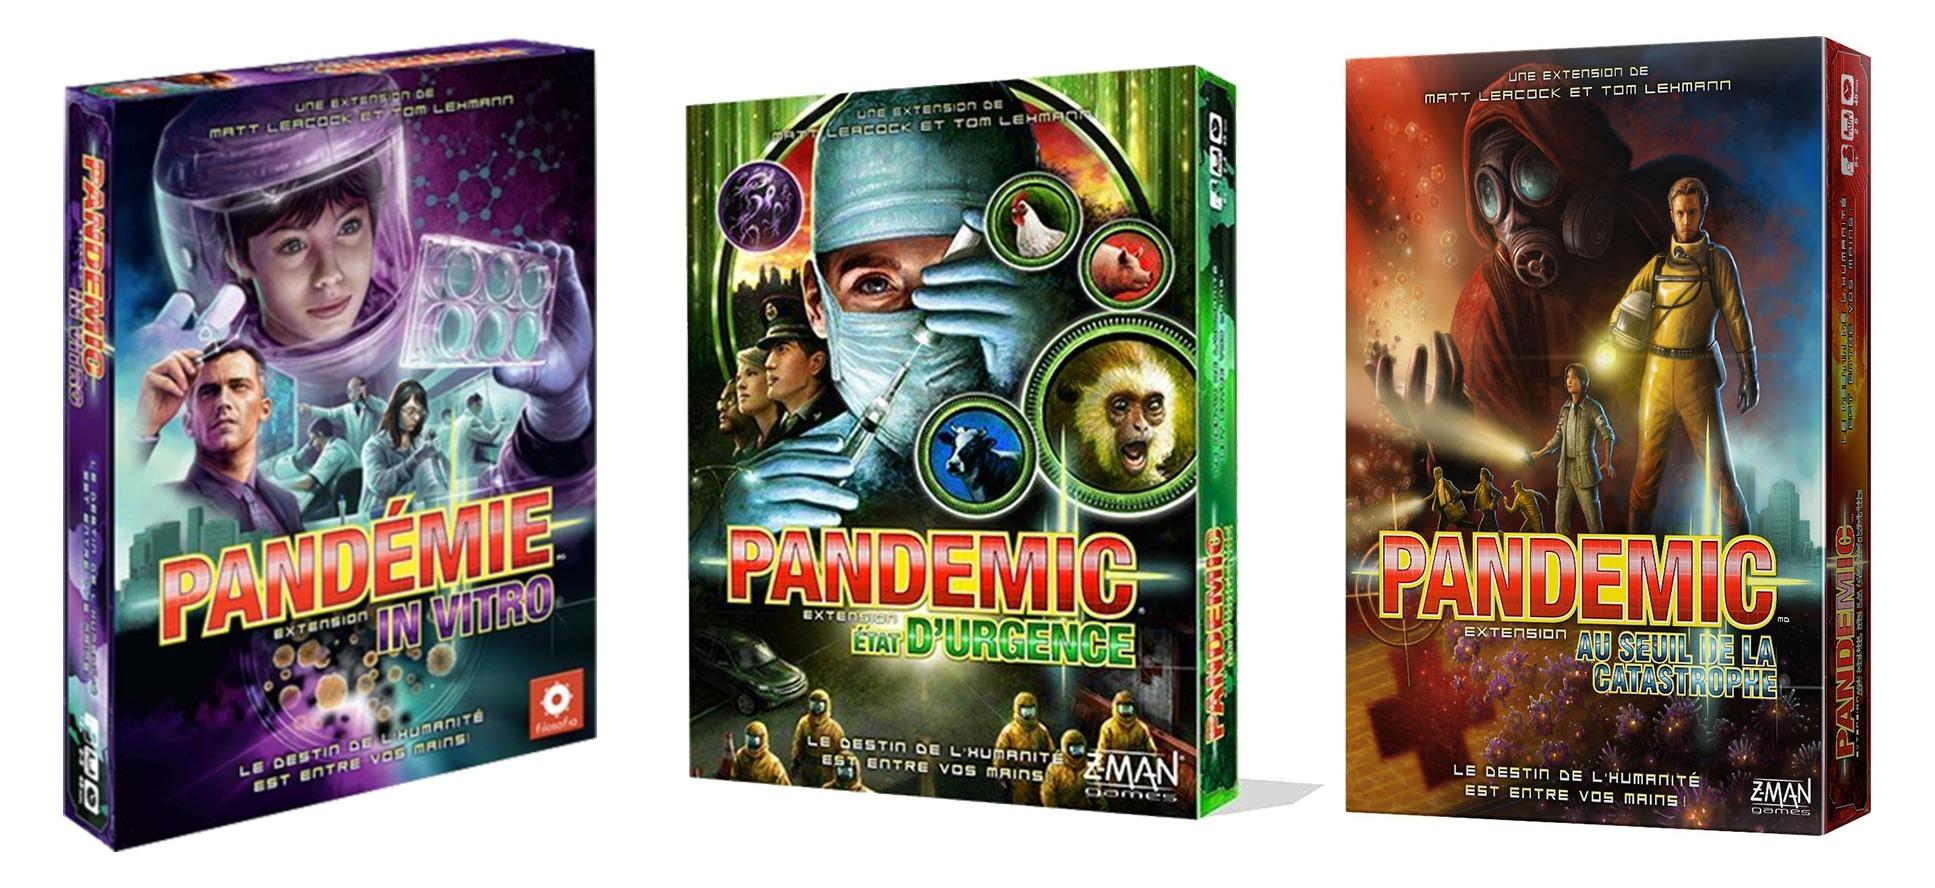 Pandemic jeu de société Zman games